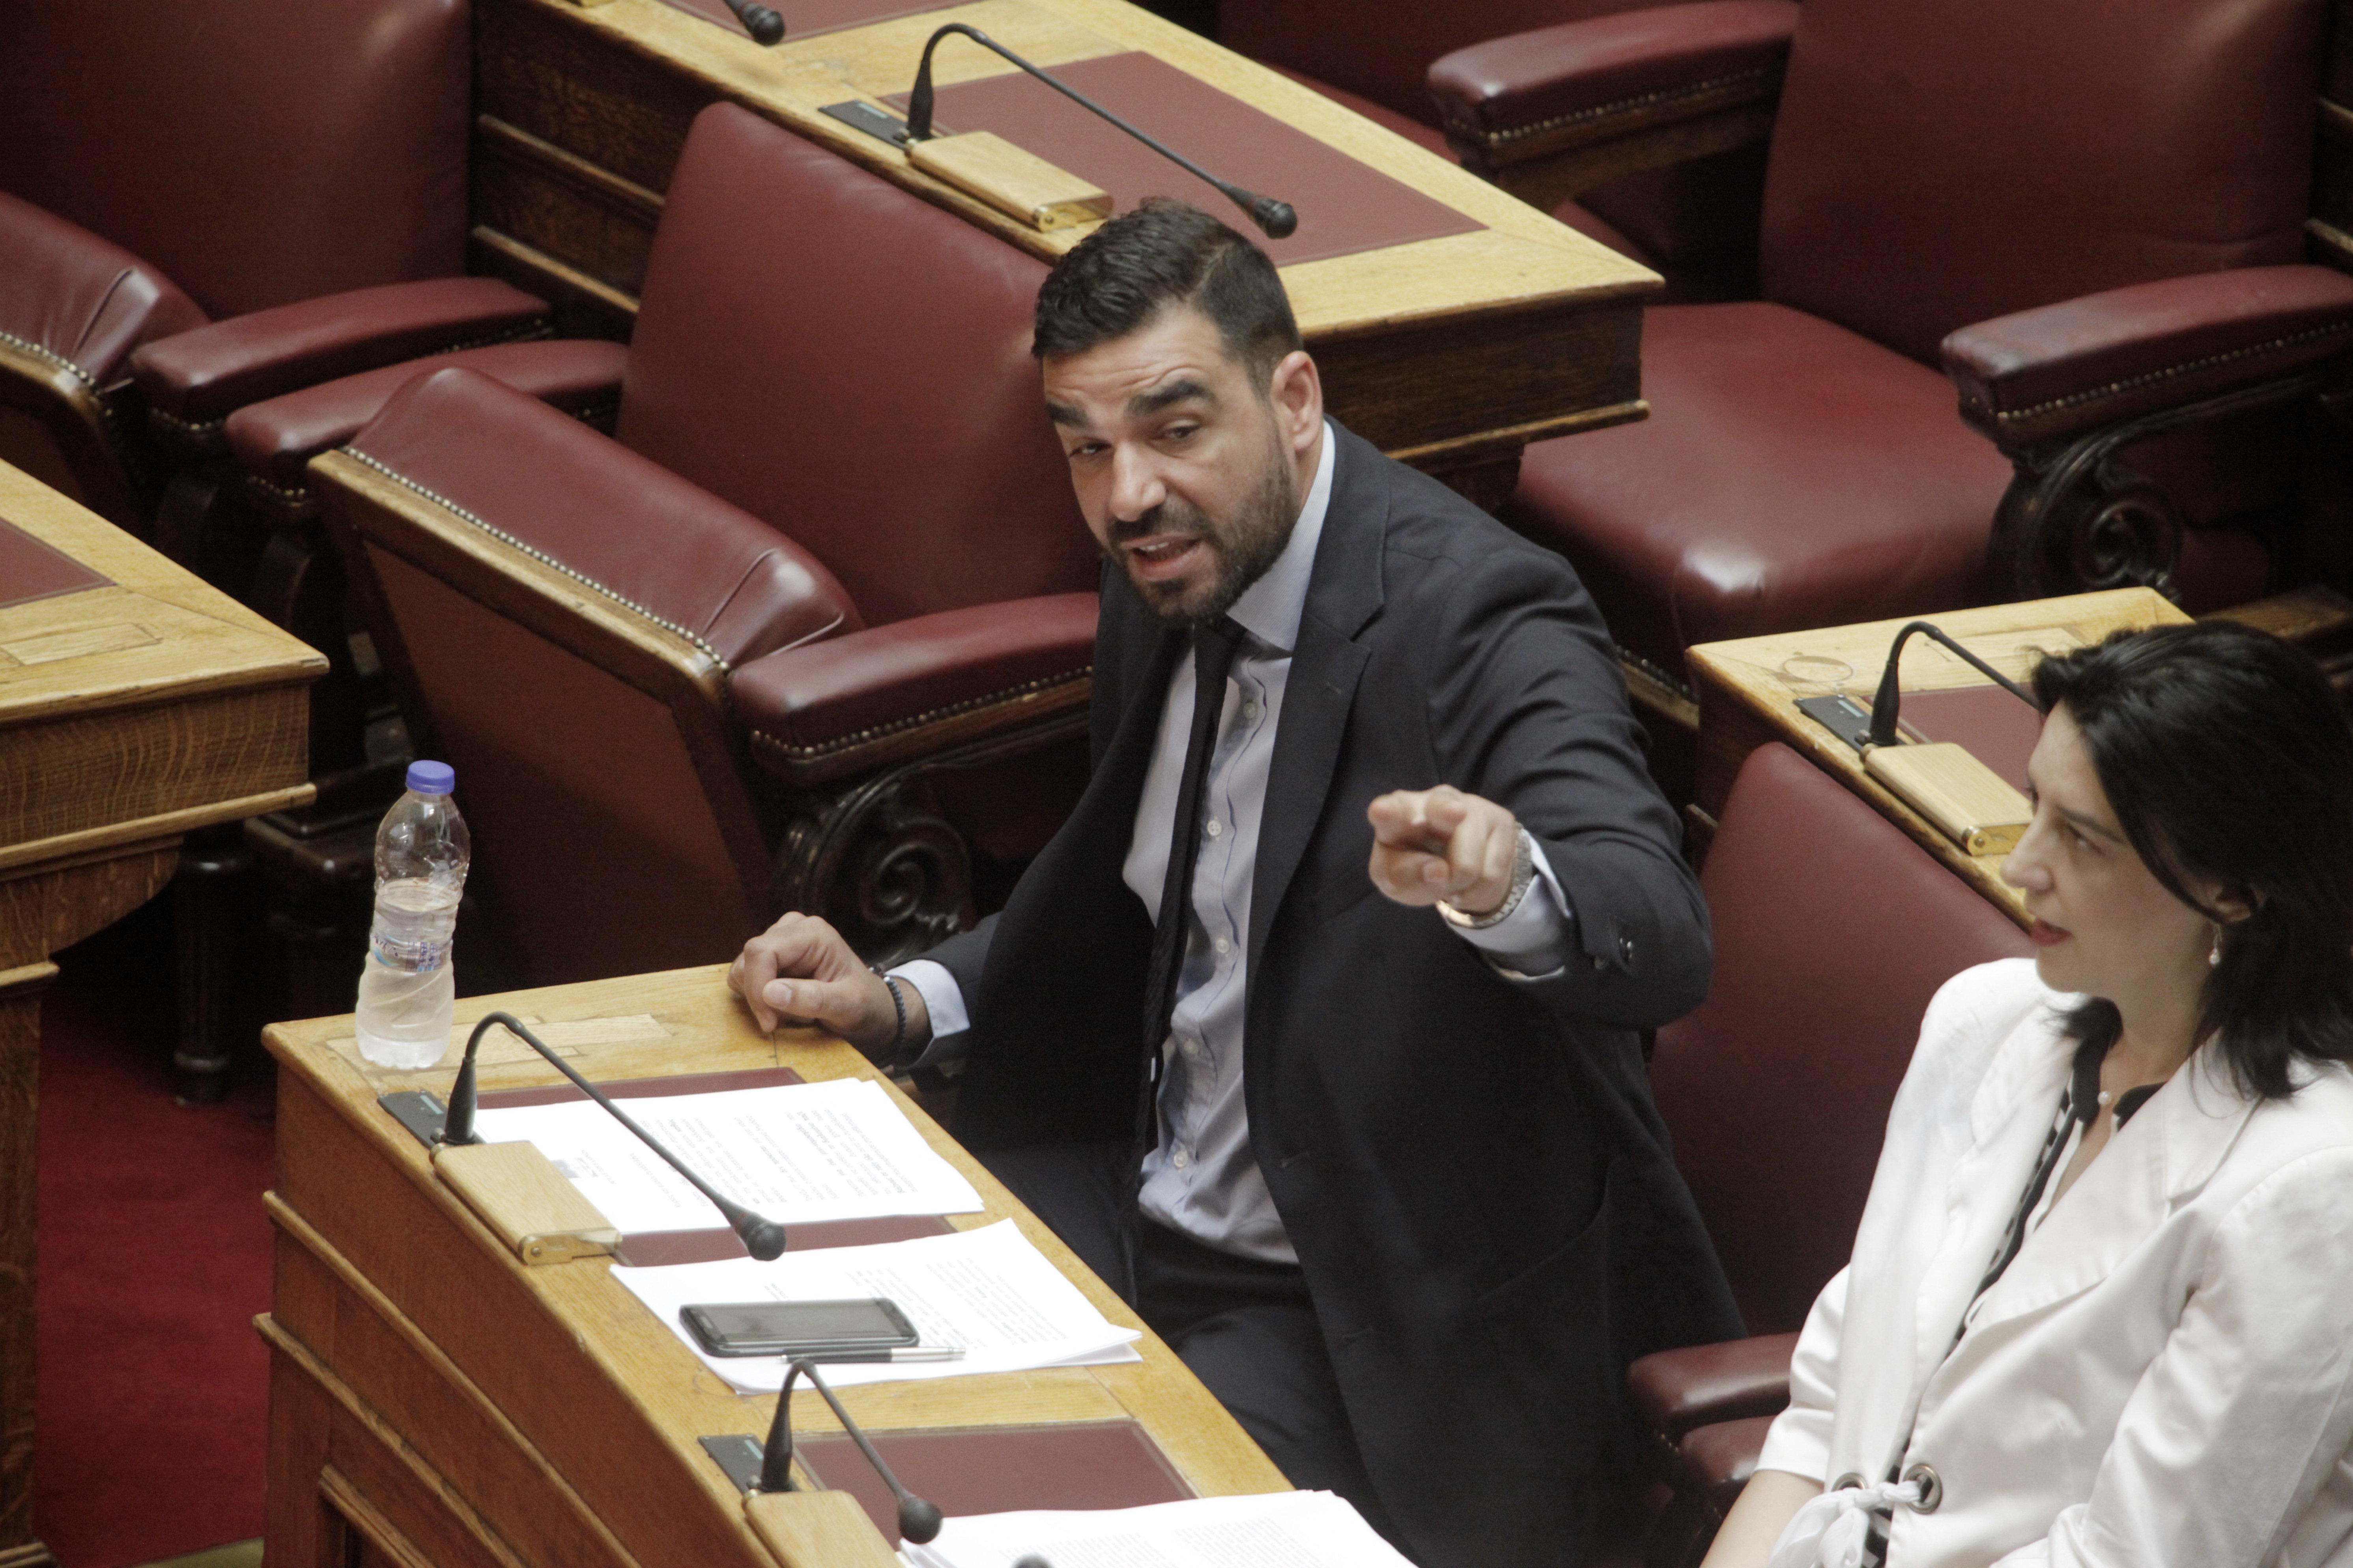 Επίθεση στο βουλευτή Κωνσταντινέα: 20 προσαγωγές, 10 ταυτοποιήσεις από την ΕΛ.ΑΣ.